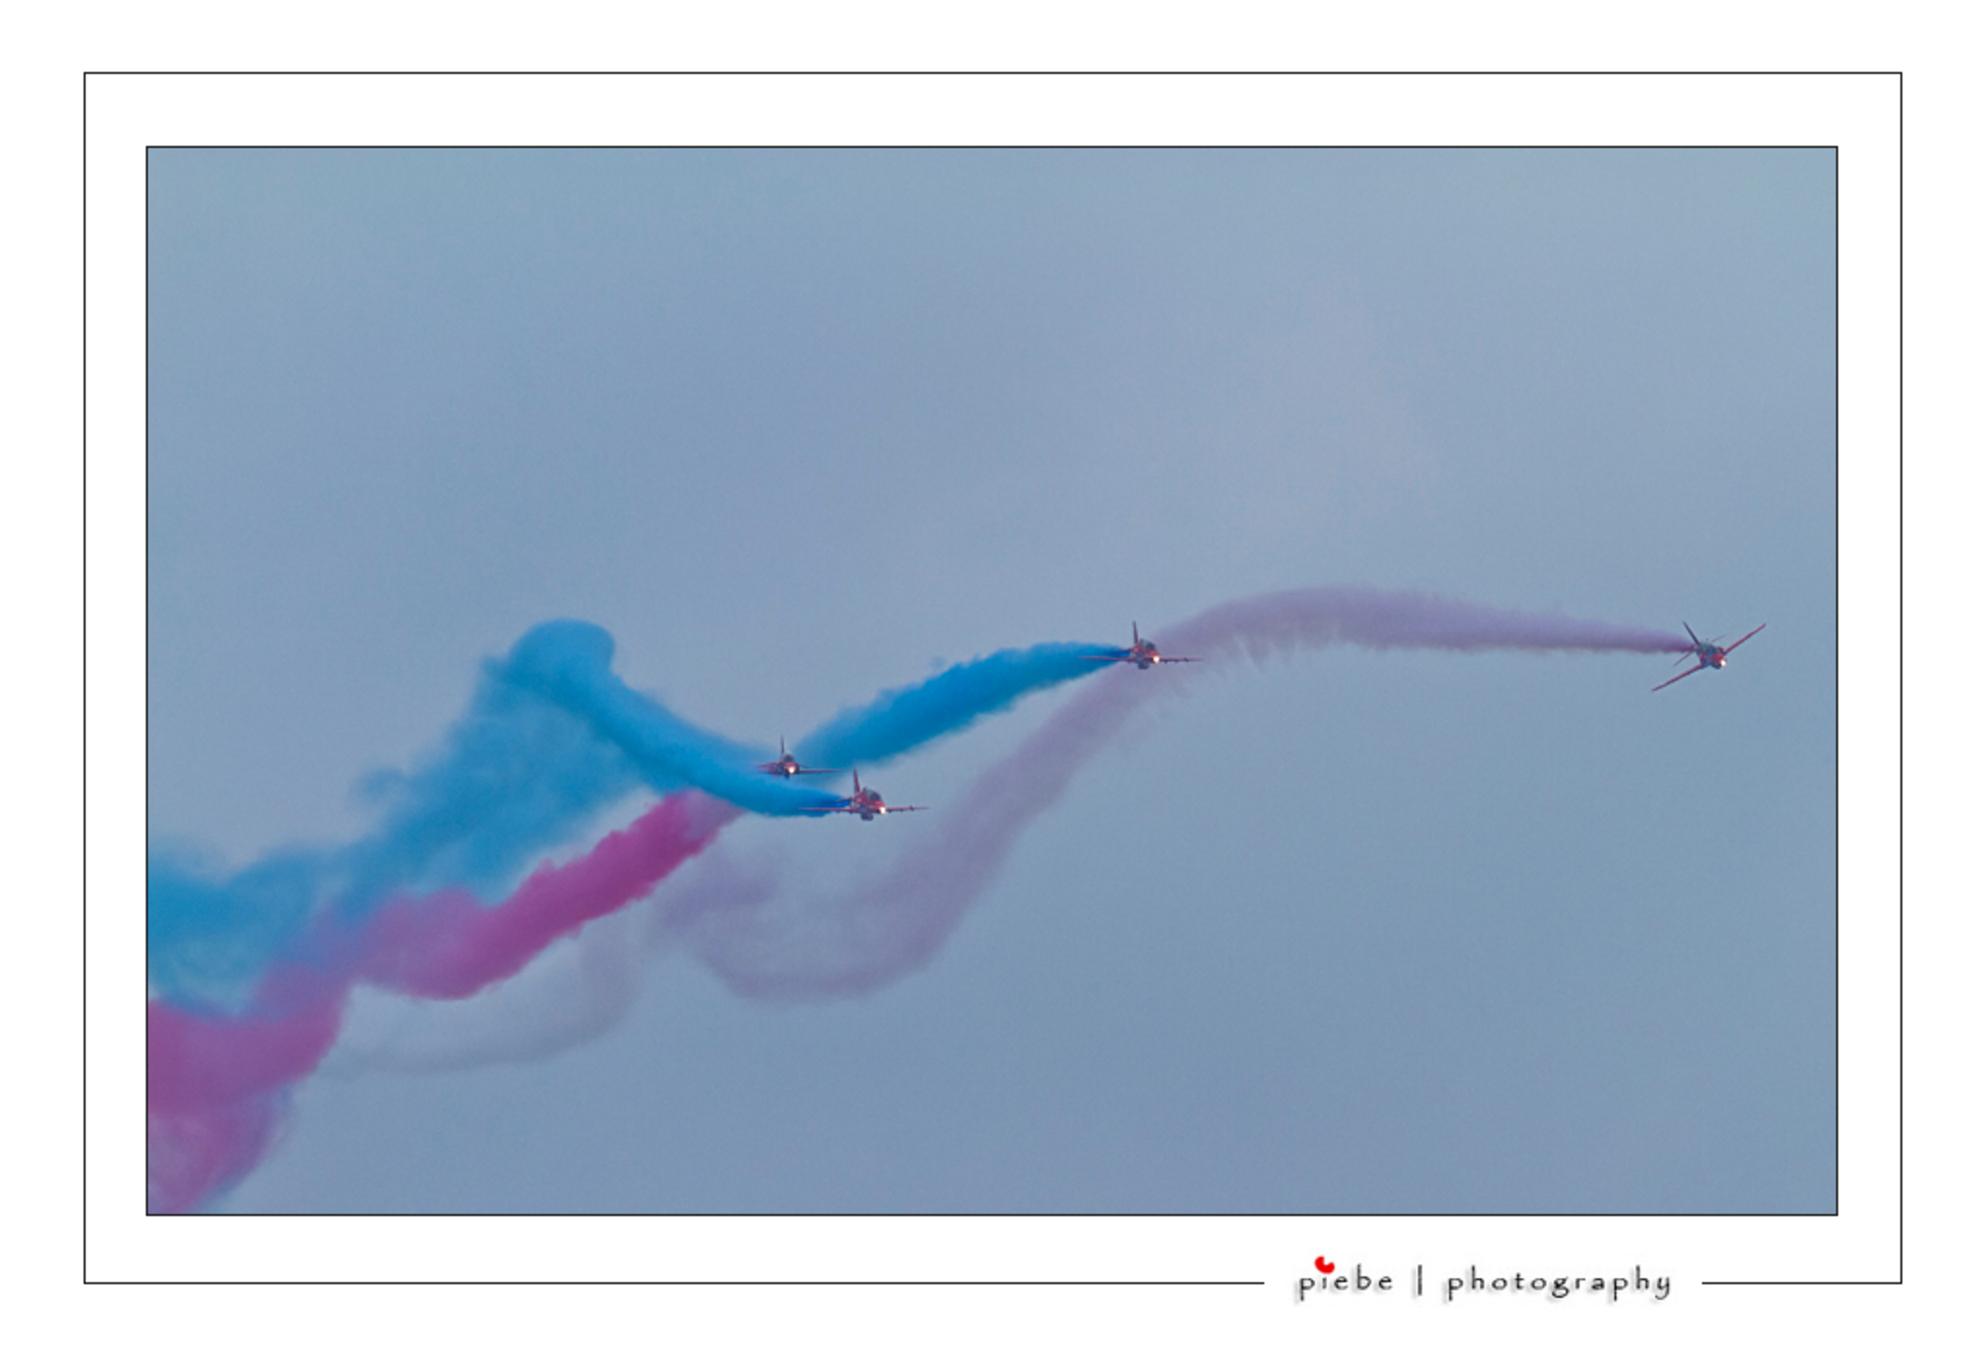 Red Arrows - Zaterdag 17 september ben ik naar de luchtmacht dag in Leeuwarden geweest. Over 2 dagen zijn er ongeveer 180.000 mensen geweest. Hierbij een show va - foto door Piebe op 18-09-2011 - deze foto bevat: red, vliegtuig, vliegveld, friesland, vliegshow, leeuwarden, arrows, luchtmachtbasis - Deze foto mag gebruikt worden in een Zoom.nl publicatie